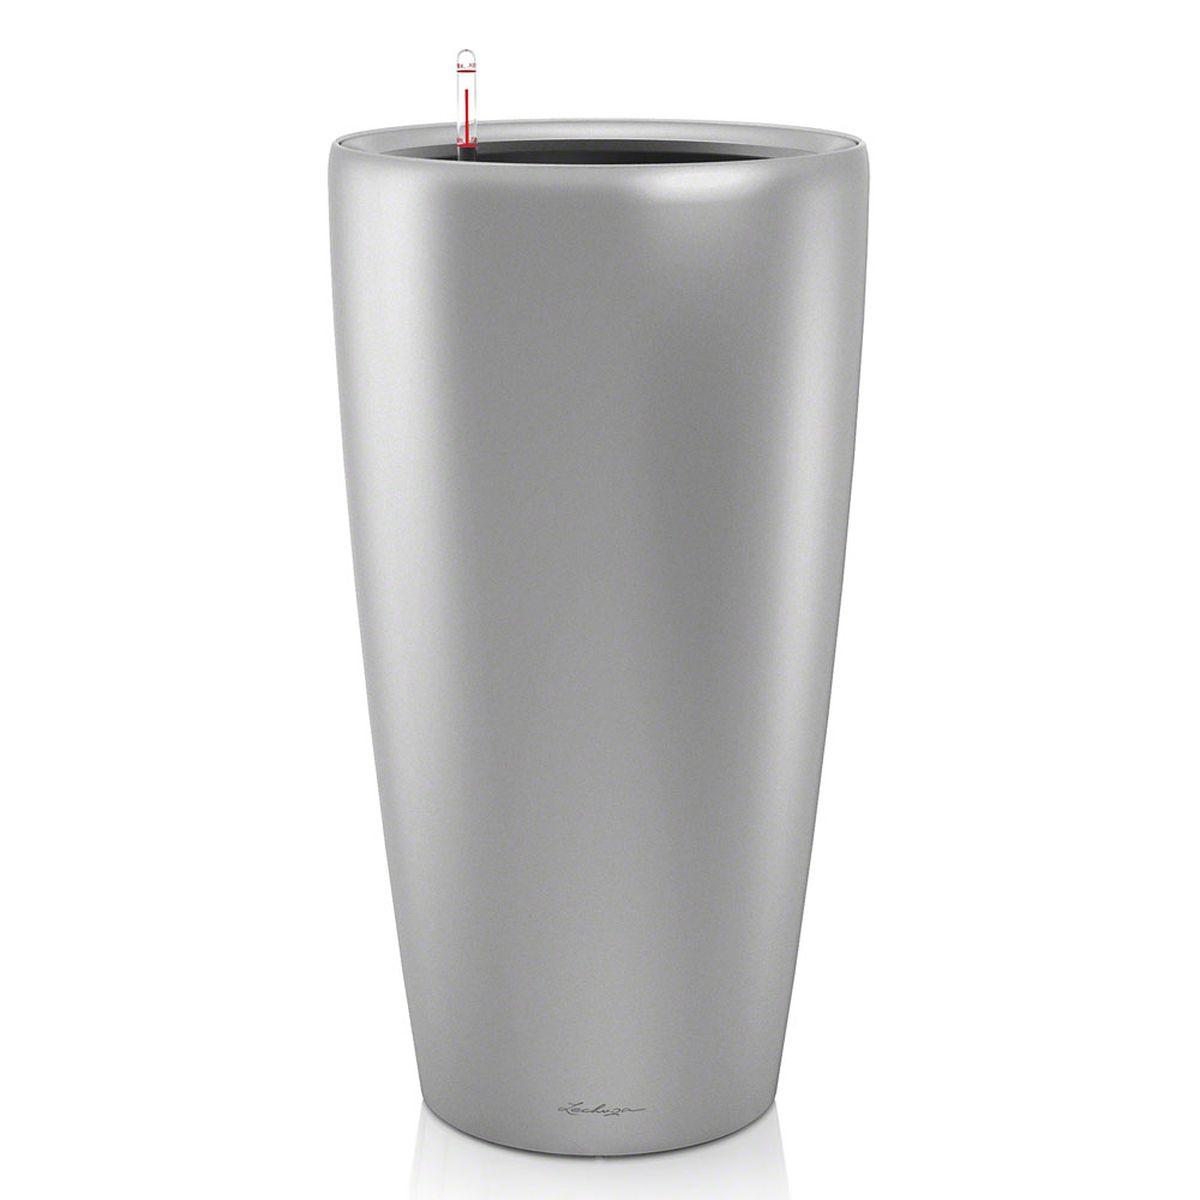 Кашпо с автополивом Lechuza Rondo 40х75 см, серебро15748Изящная форма кашпо RONDO является одновременно элегантной и несложной, и позволяет представить в выгодном свете любое растение. Сочетание кашпо с моделями CLASSICO идеально дополняет общую картину. Особые преимущества: - Всегда элегантный дизайн кашпо, соответствующий серии CLASSICO - Совершенная форма кашпо, для самых разных растений и позиций Внутренний горшок с выдвижными ручками обеспечивает: - Легкую переноску даже высоких растений - Легкую смену растений